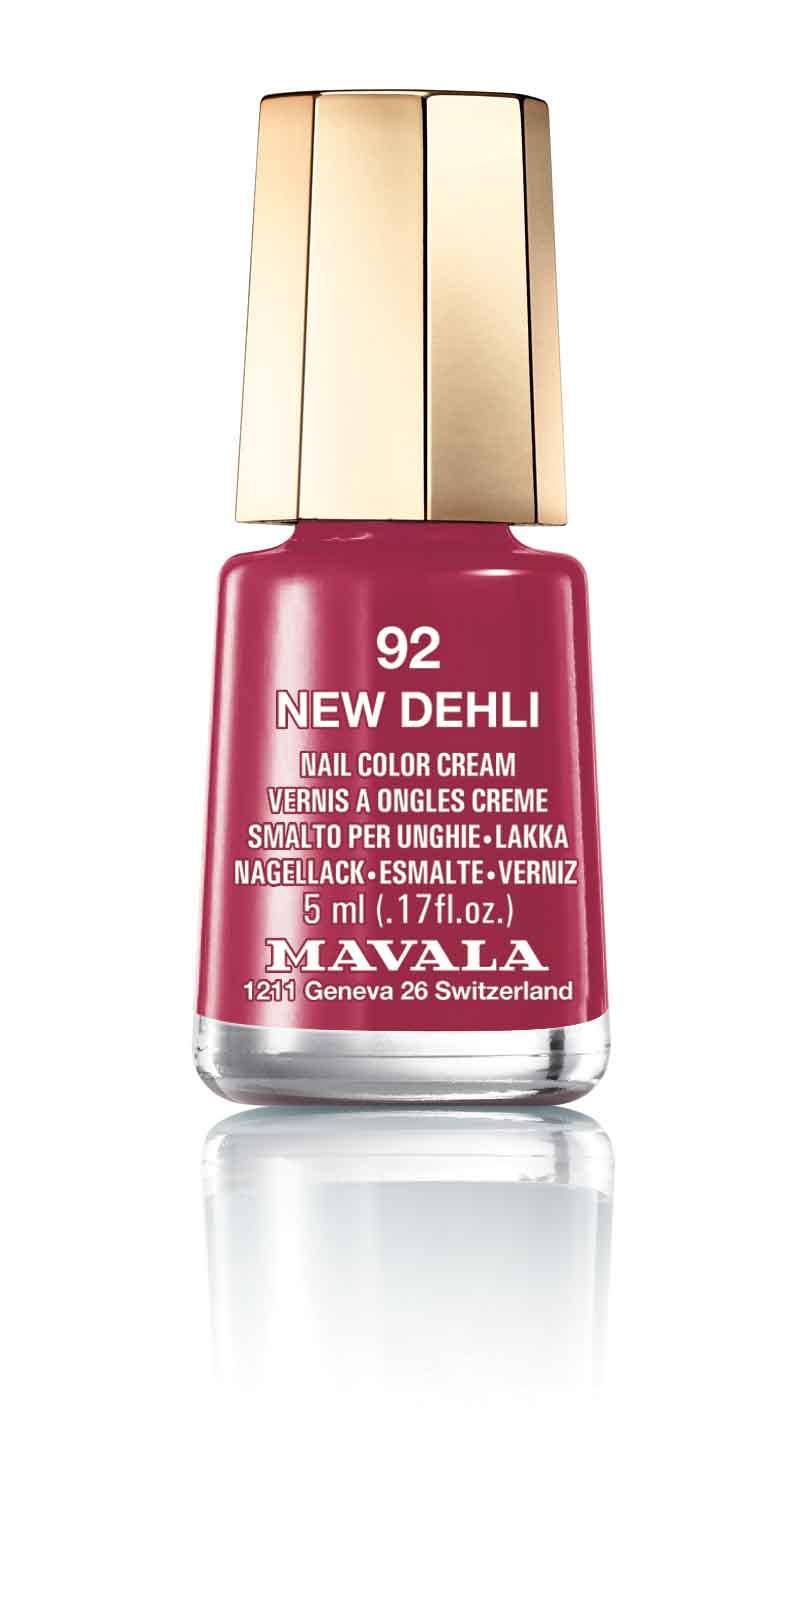 92 NEW DELHI